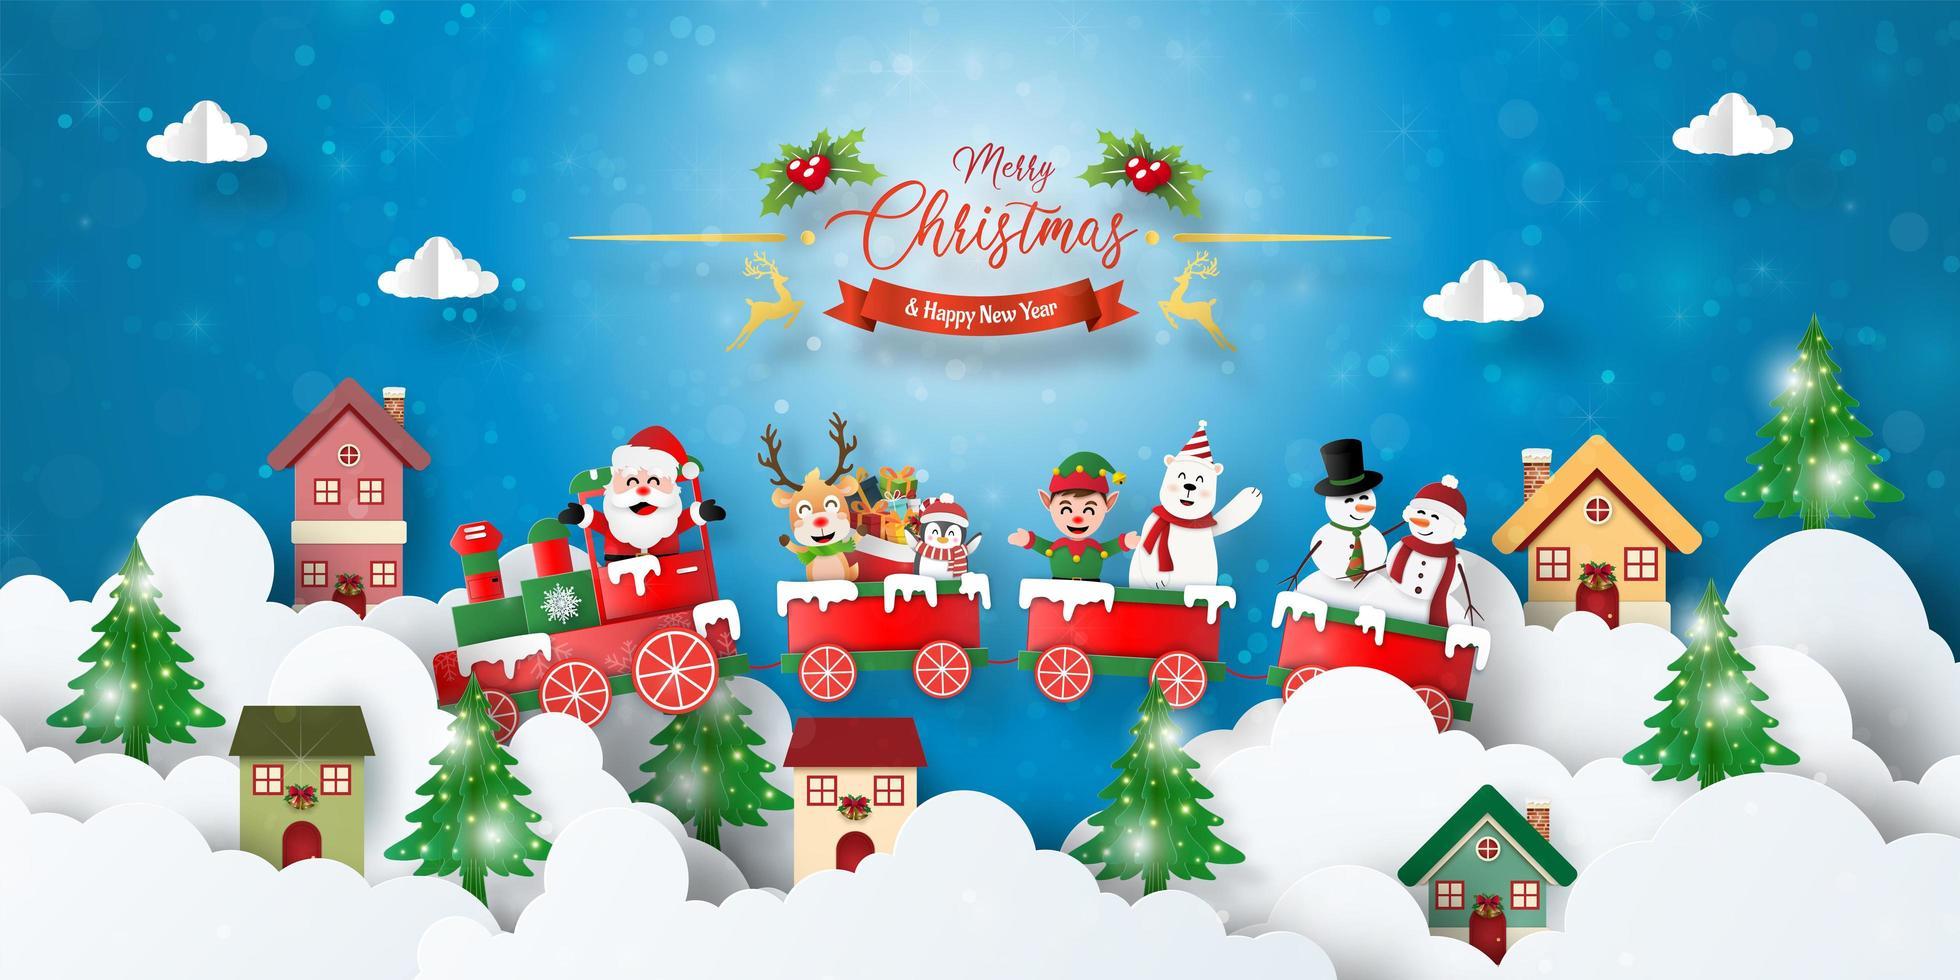 julvykortbanner av jultåg med jultomten och vänner i stan vektor